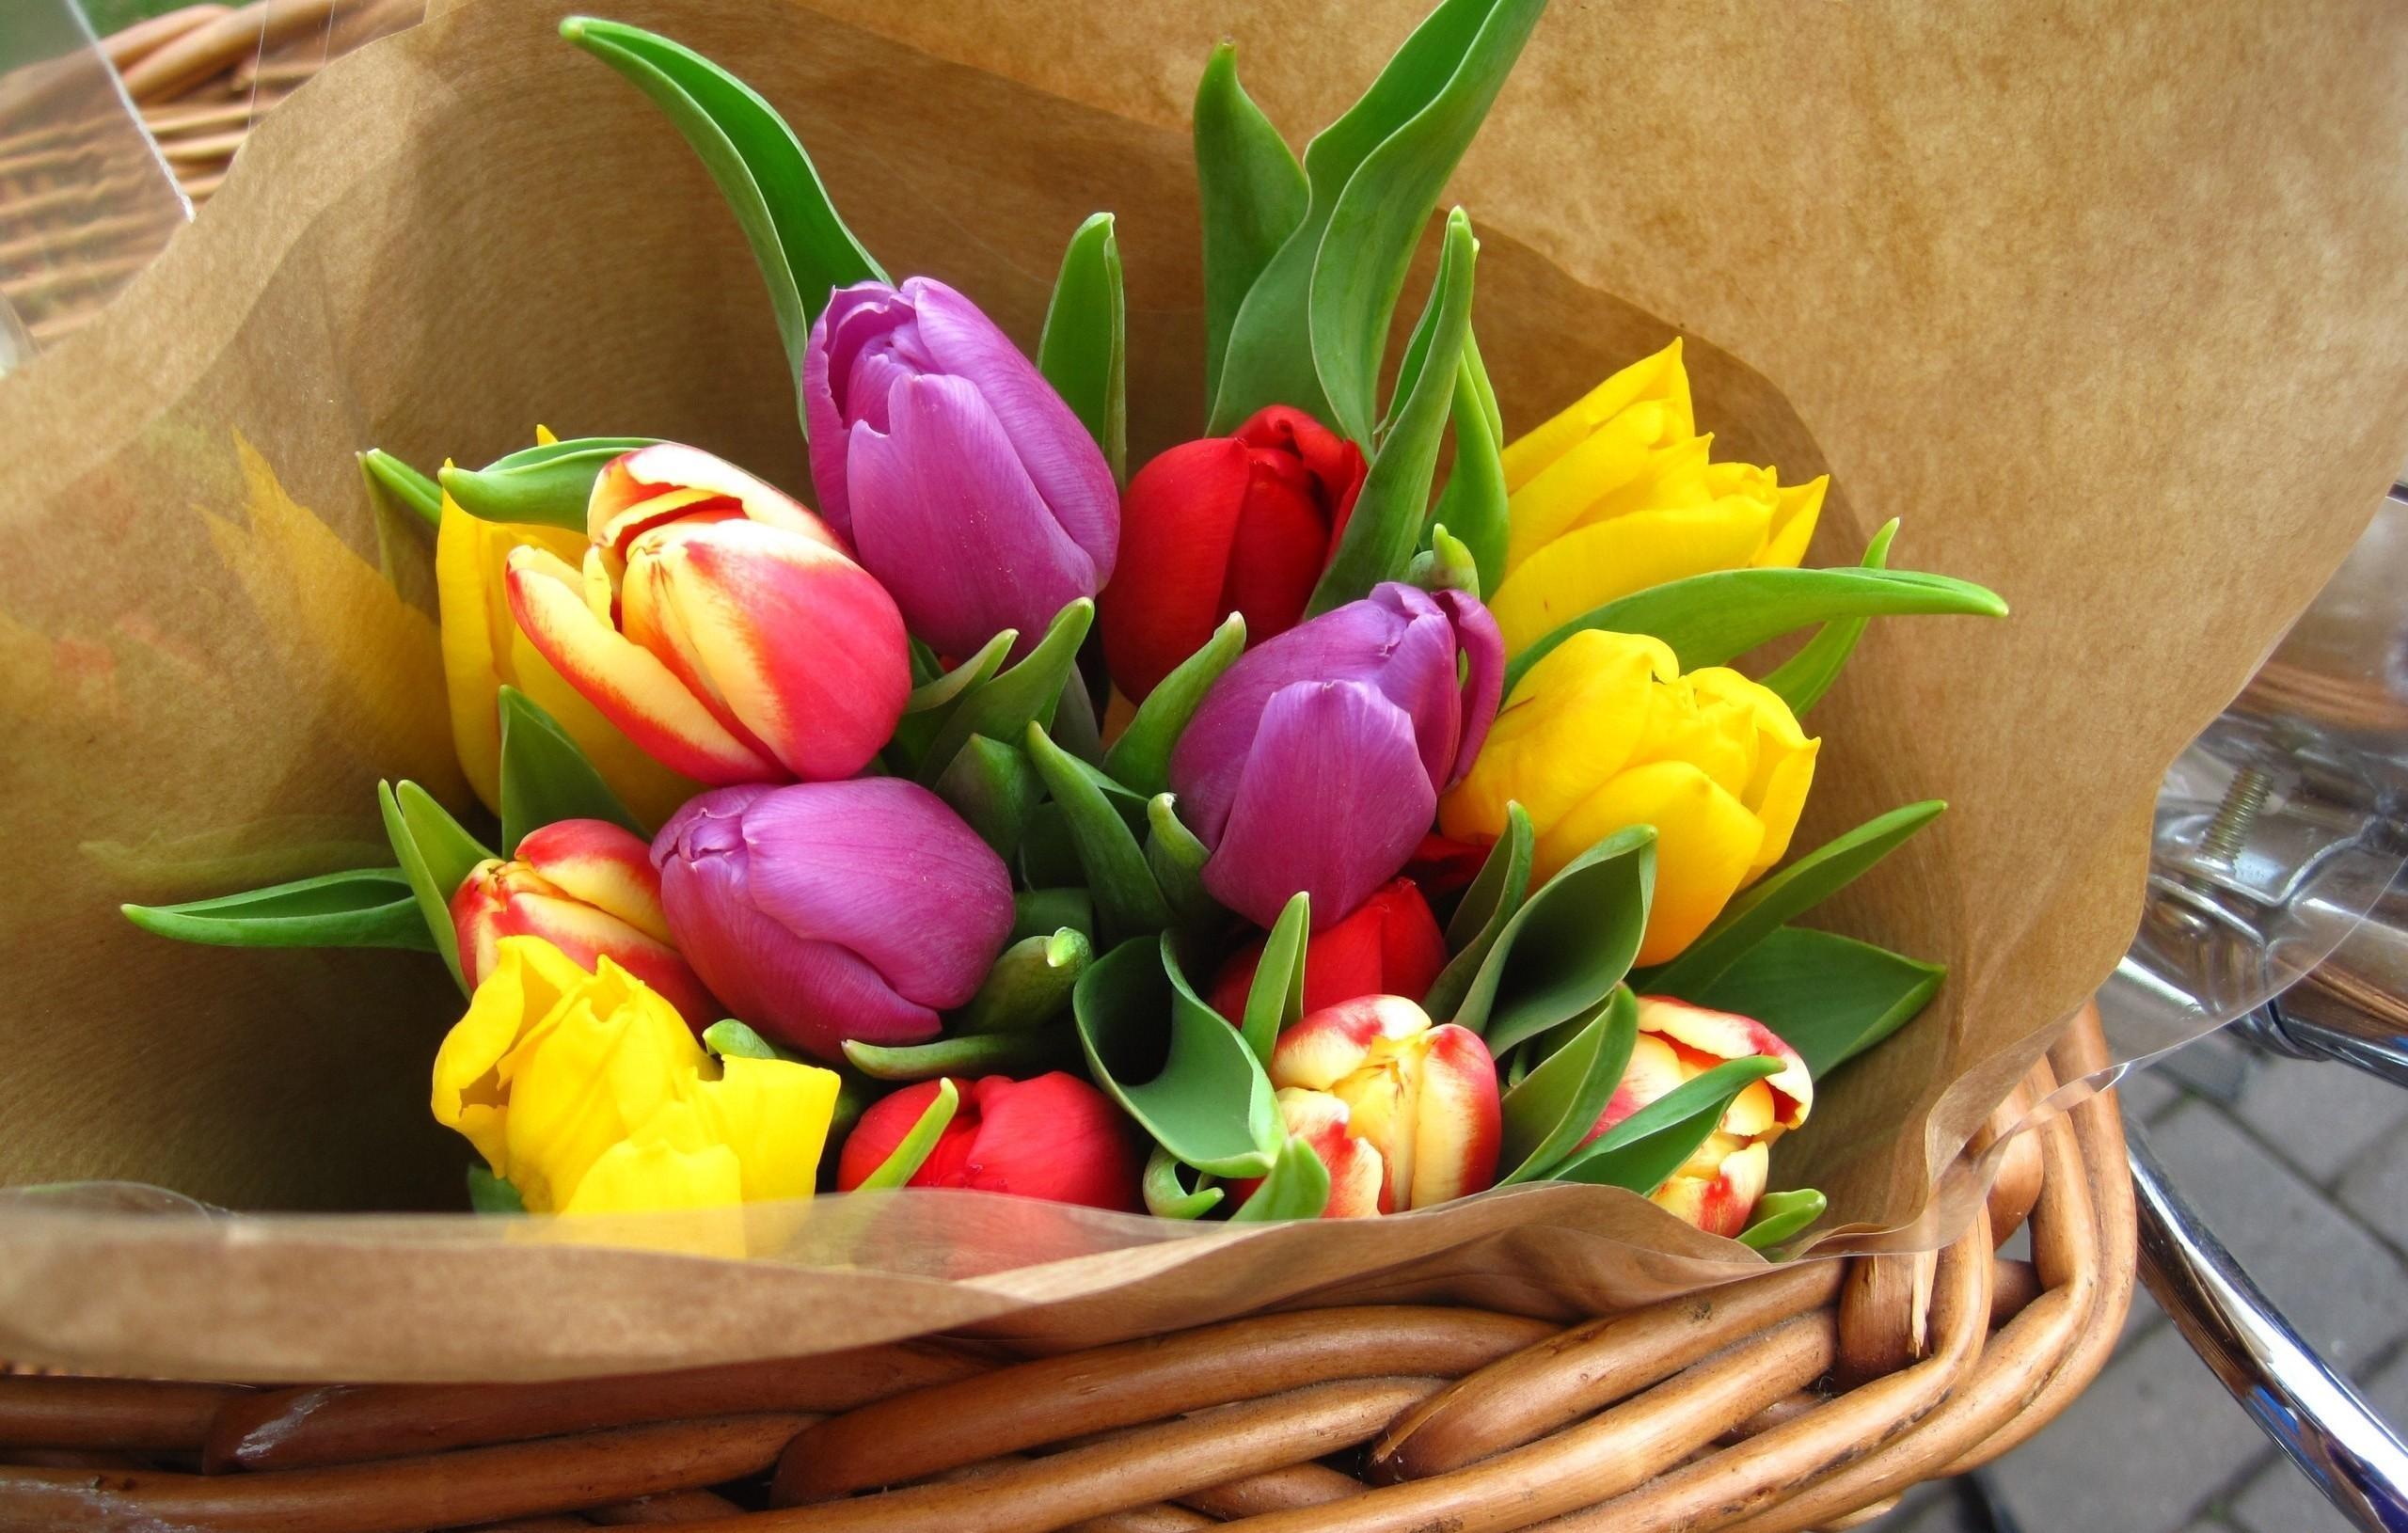 150464 скачать обои Тюльпаны, Букет, Цветы, Яркие, Бумага - заставки и картинки бесплатно